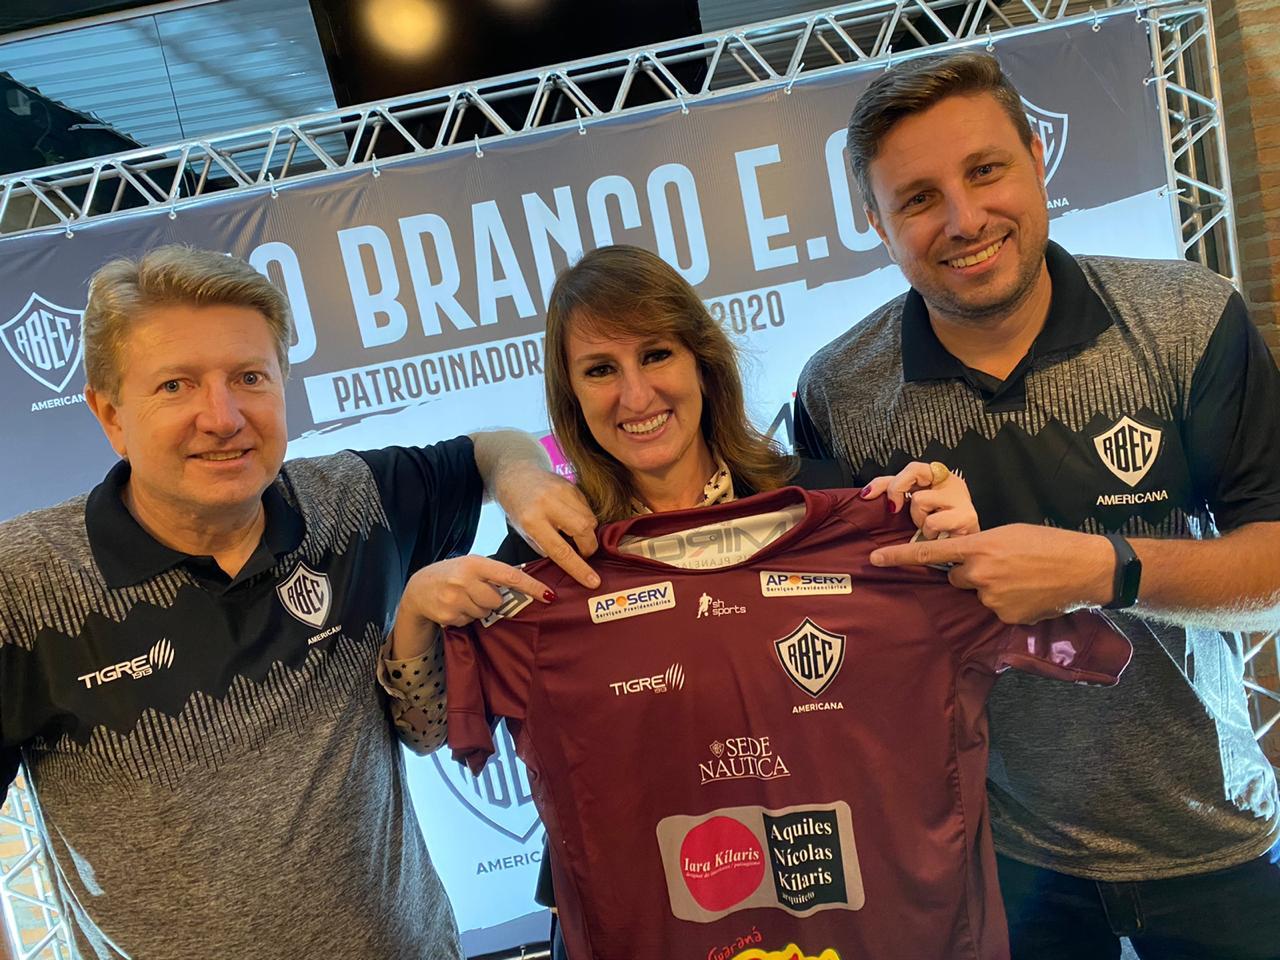 Aposerv Patrocinadora Oficial Rio Branco Esporte Clube Americana